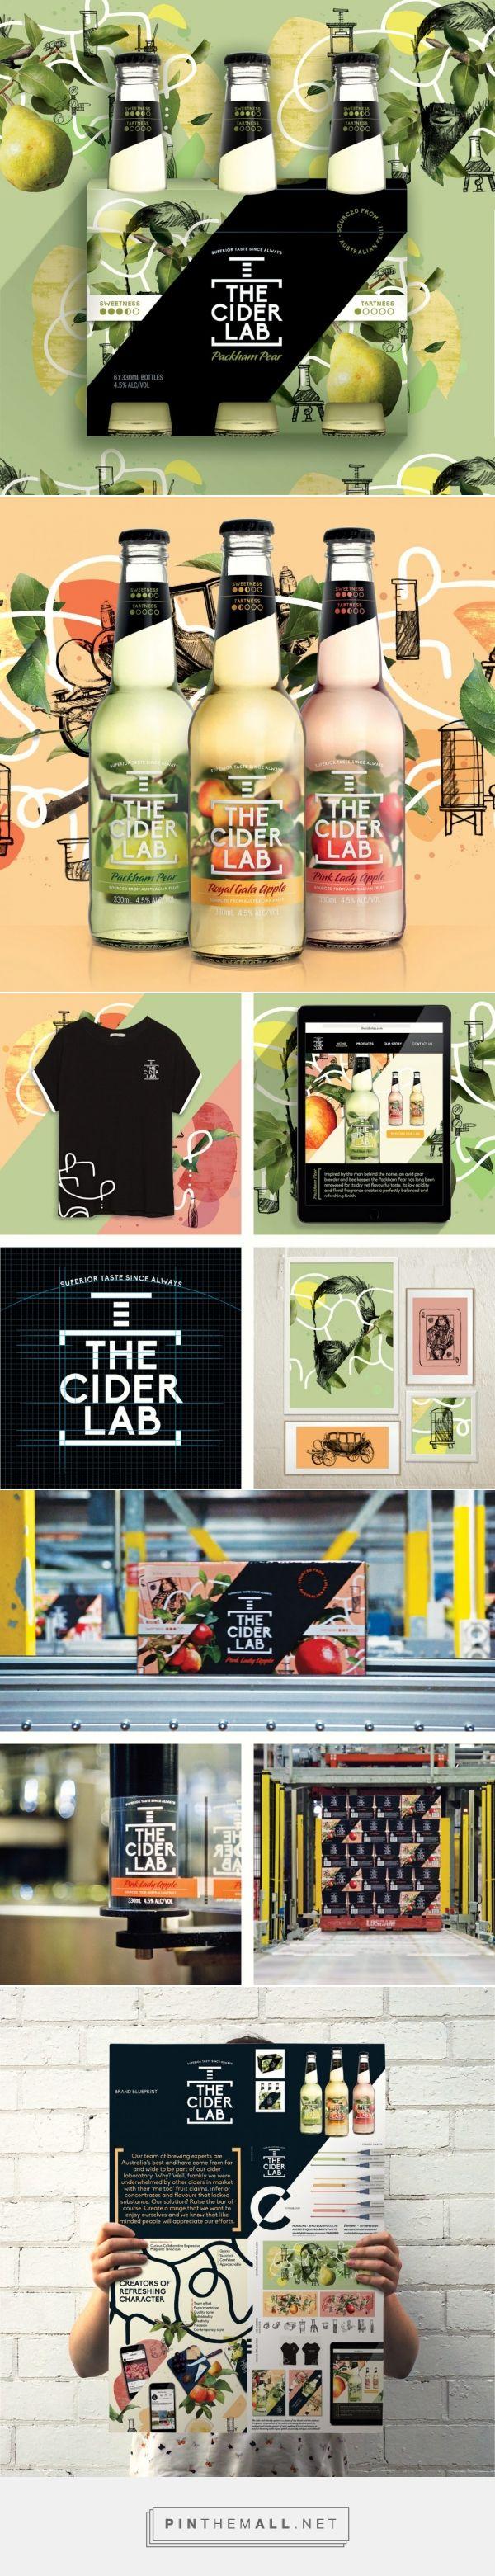 The Cider Lab Bebidas Branding y Packaging por Bonney creativo |  Agencia de Branding Fivestar - Diseño y la Agencia de Branding & Inspiration Gallery Curada